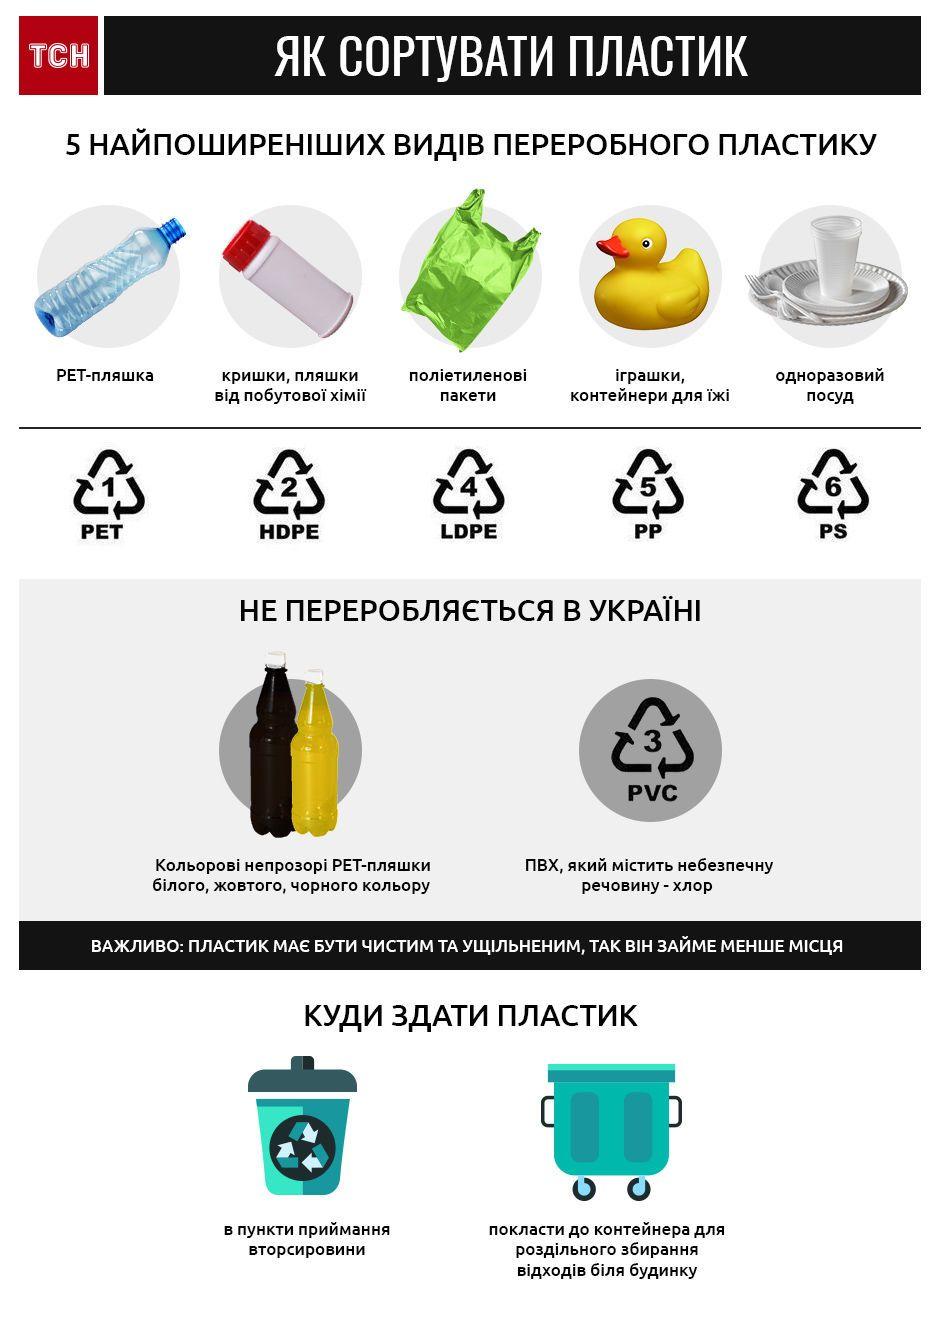 пластик, сміття, інфографіка_1